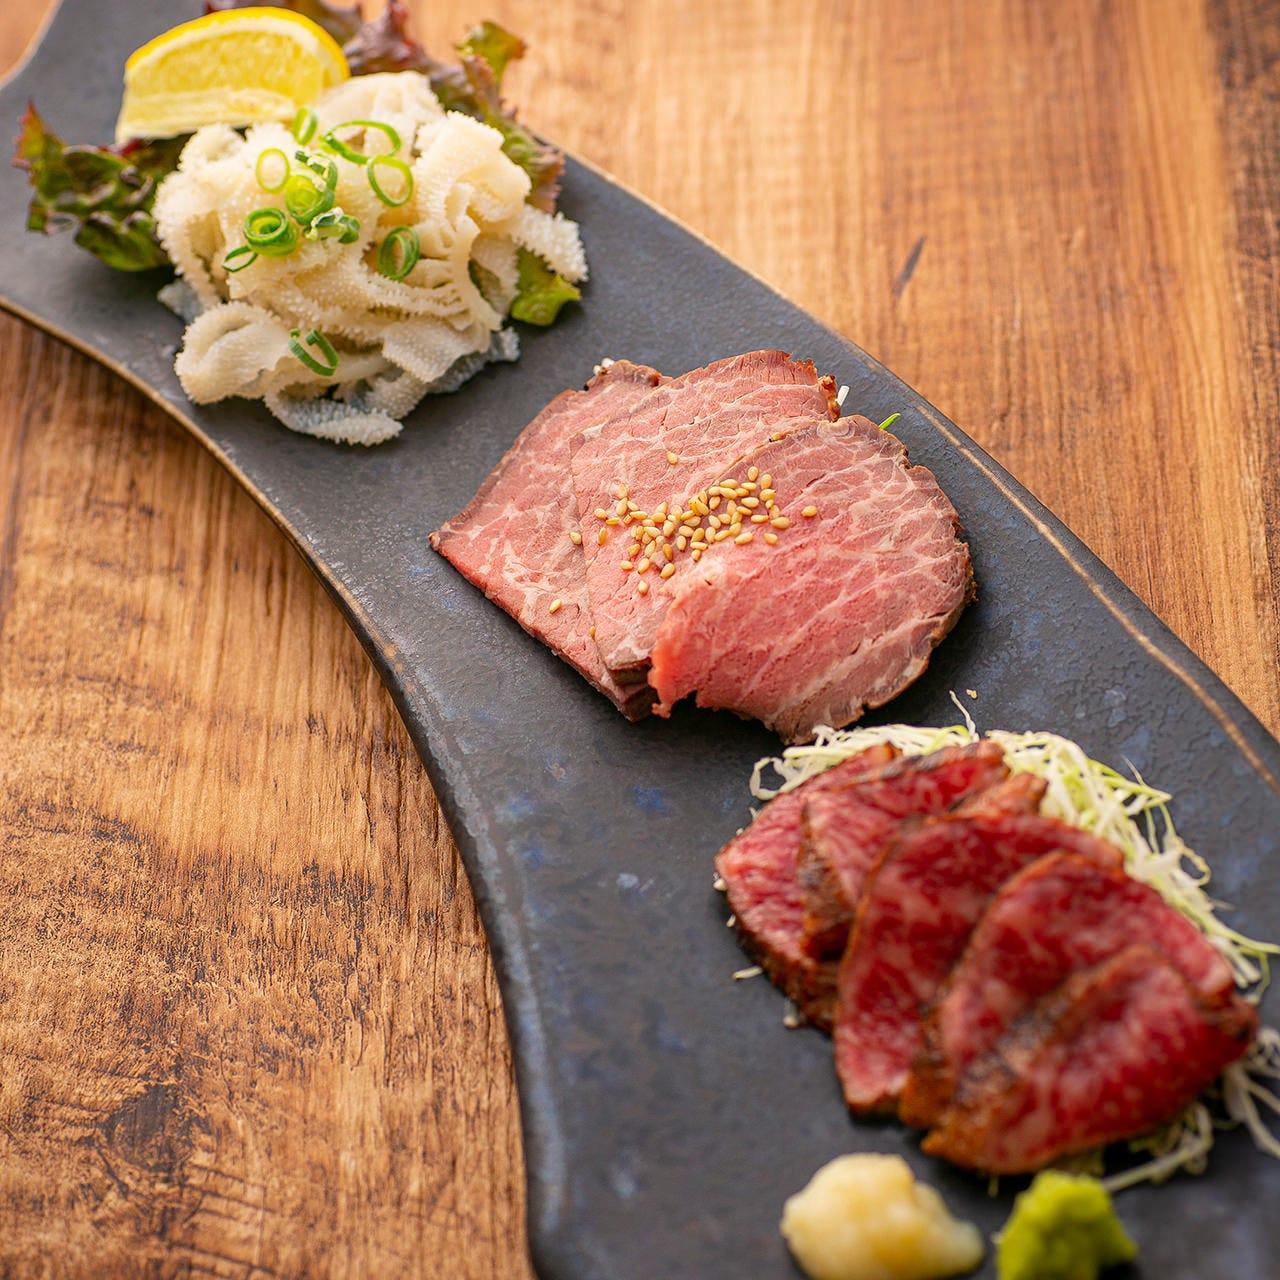 【お料理のみ】厳選肉の焼肉に選べるメイン料理を満喫。肉刺や肉料理も楽しめる『満足コース』[全7品]